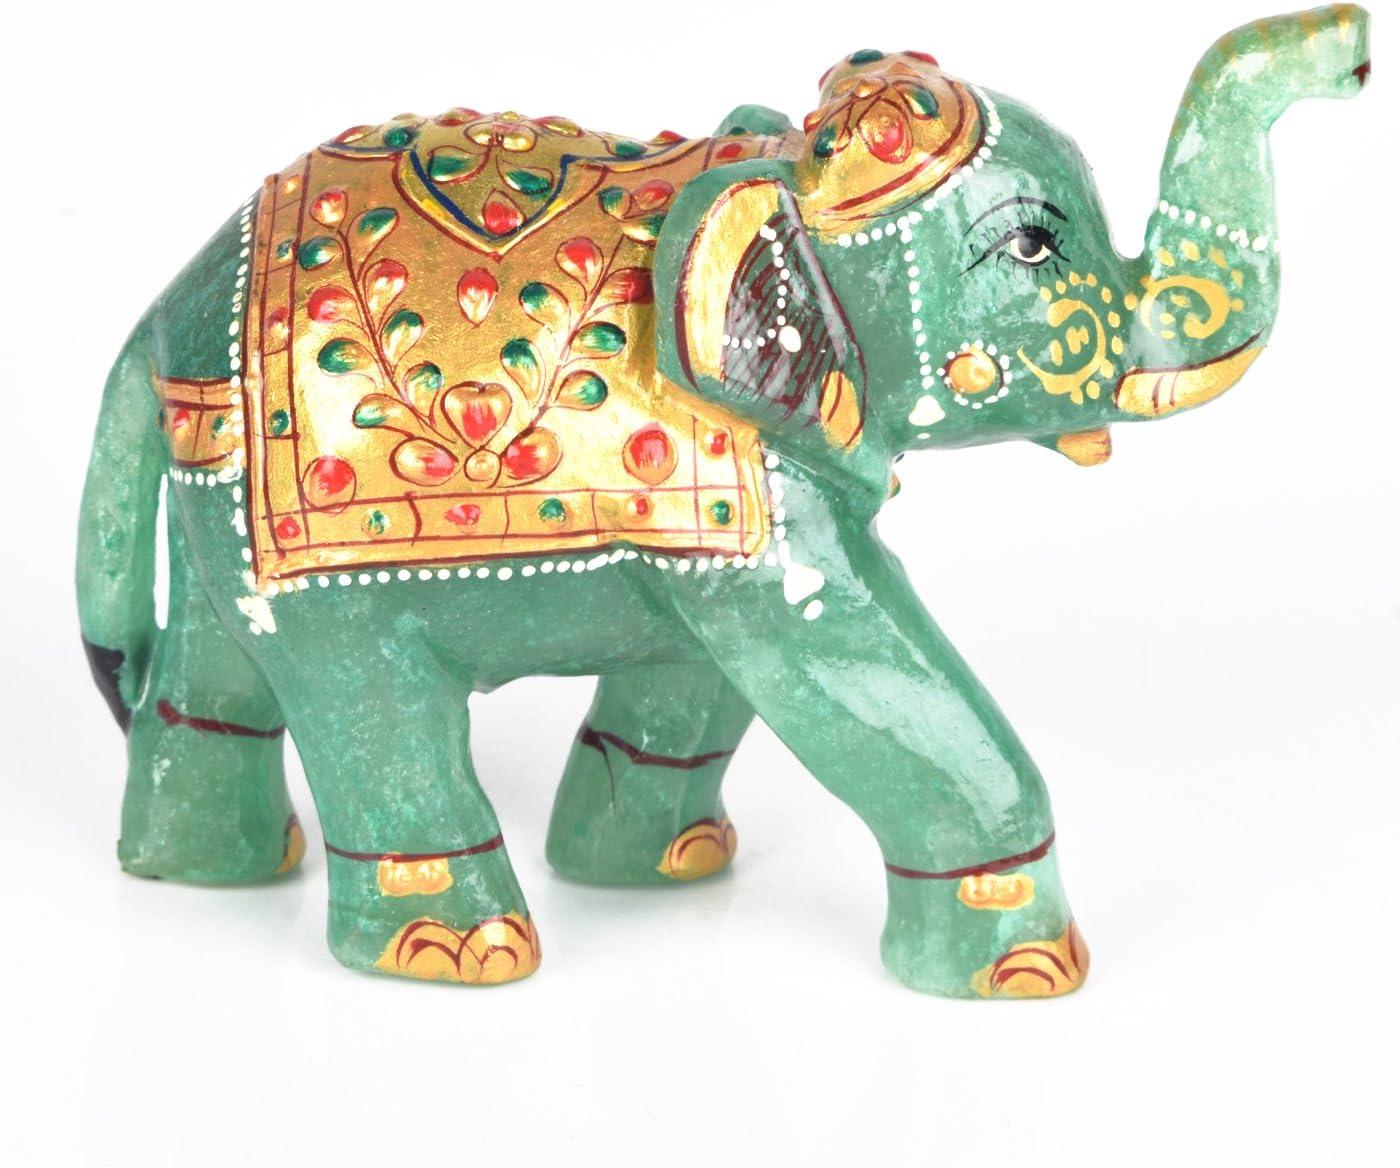 Gemhub Estatuilla de Animal como Regalo de cumpleaños Decorativo - Certificado de Laboratorio Aproximadamente 1529.00 CT Estatua de Elefante de Piedras Preciosas de Jade Verde DB-475